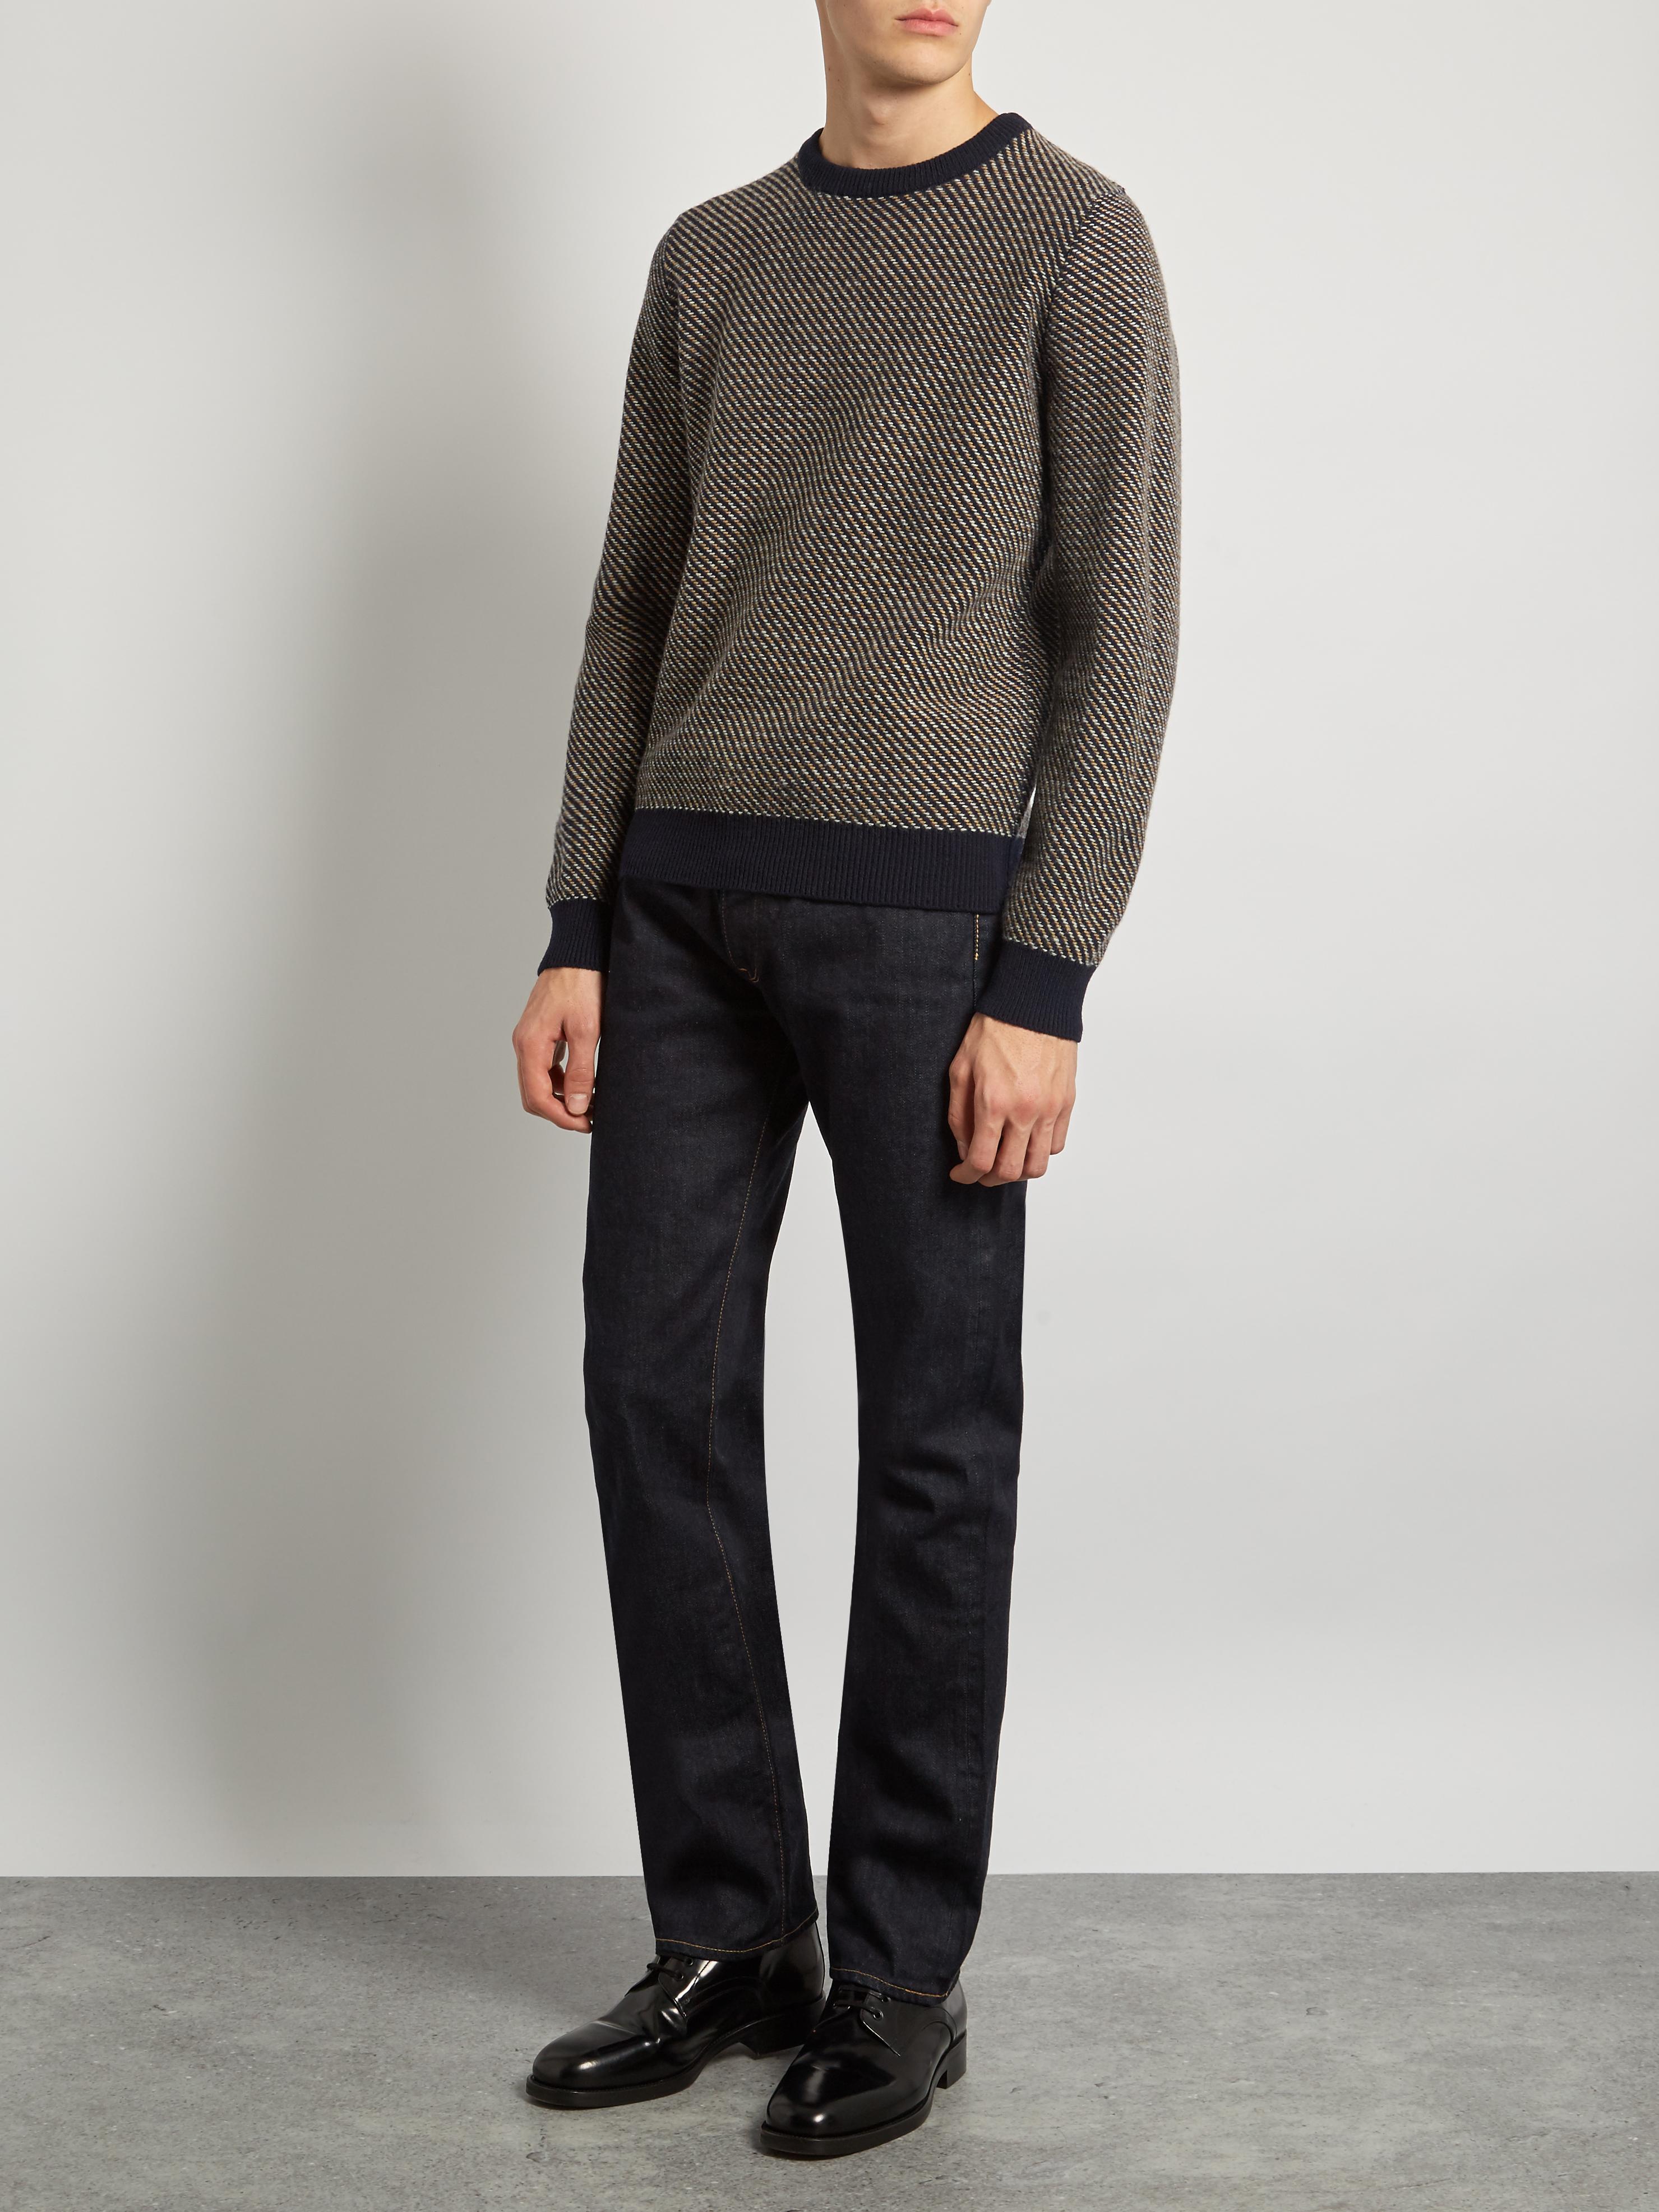 Kuro Denim Graphite Straight-leg Jeans in Navy (Blue) for Men